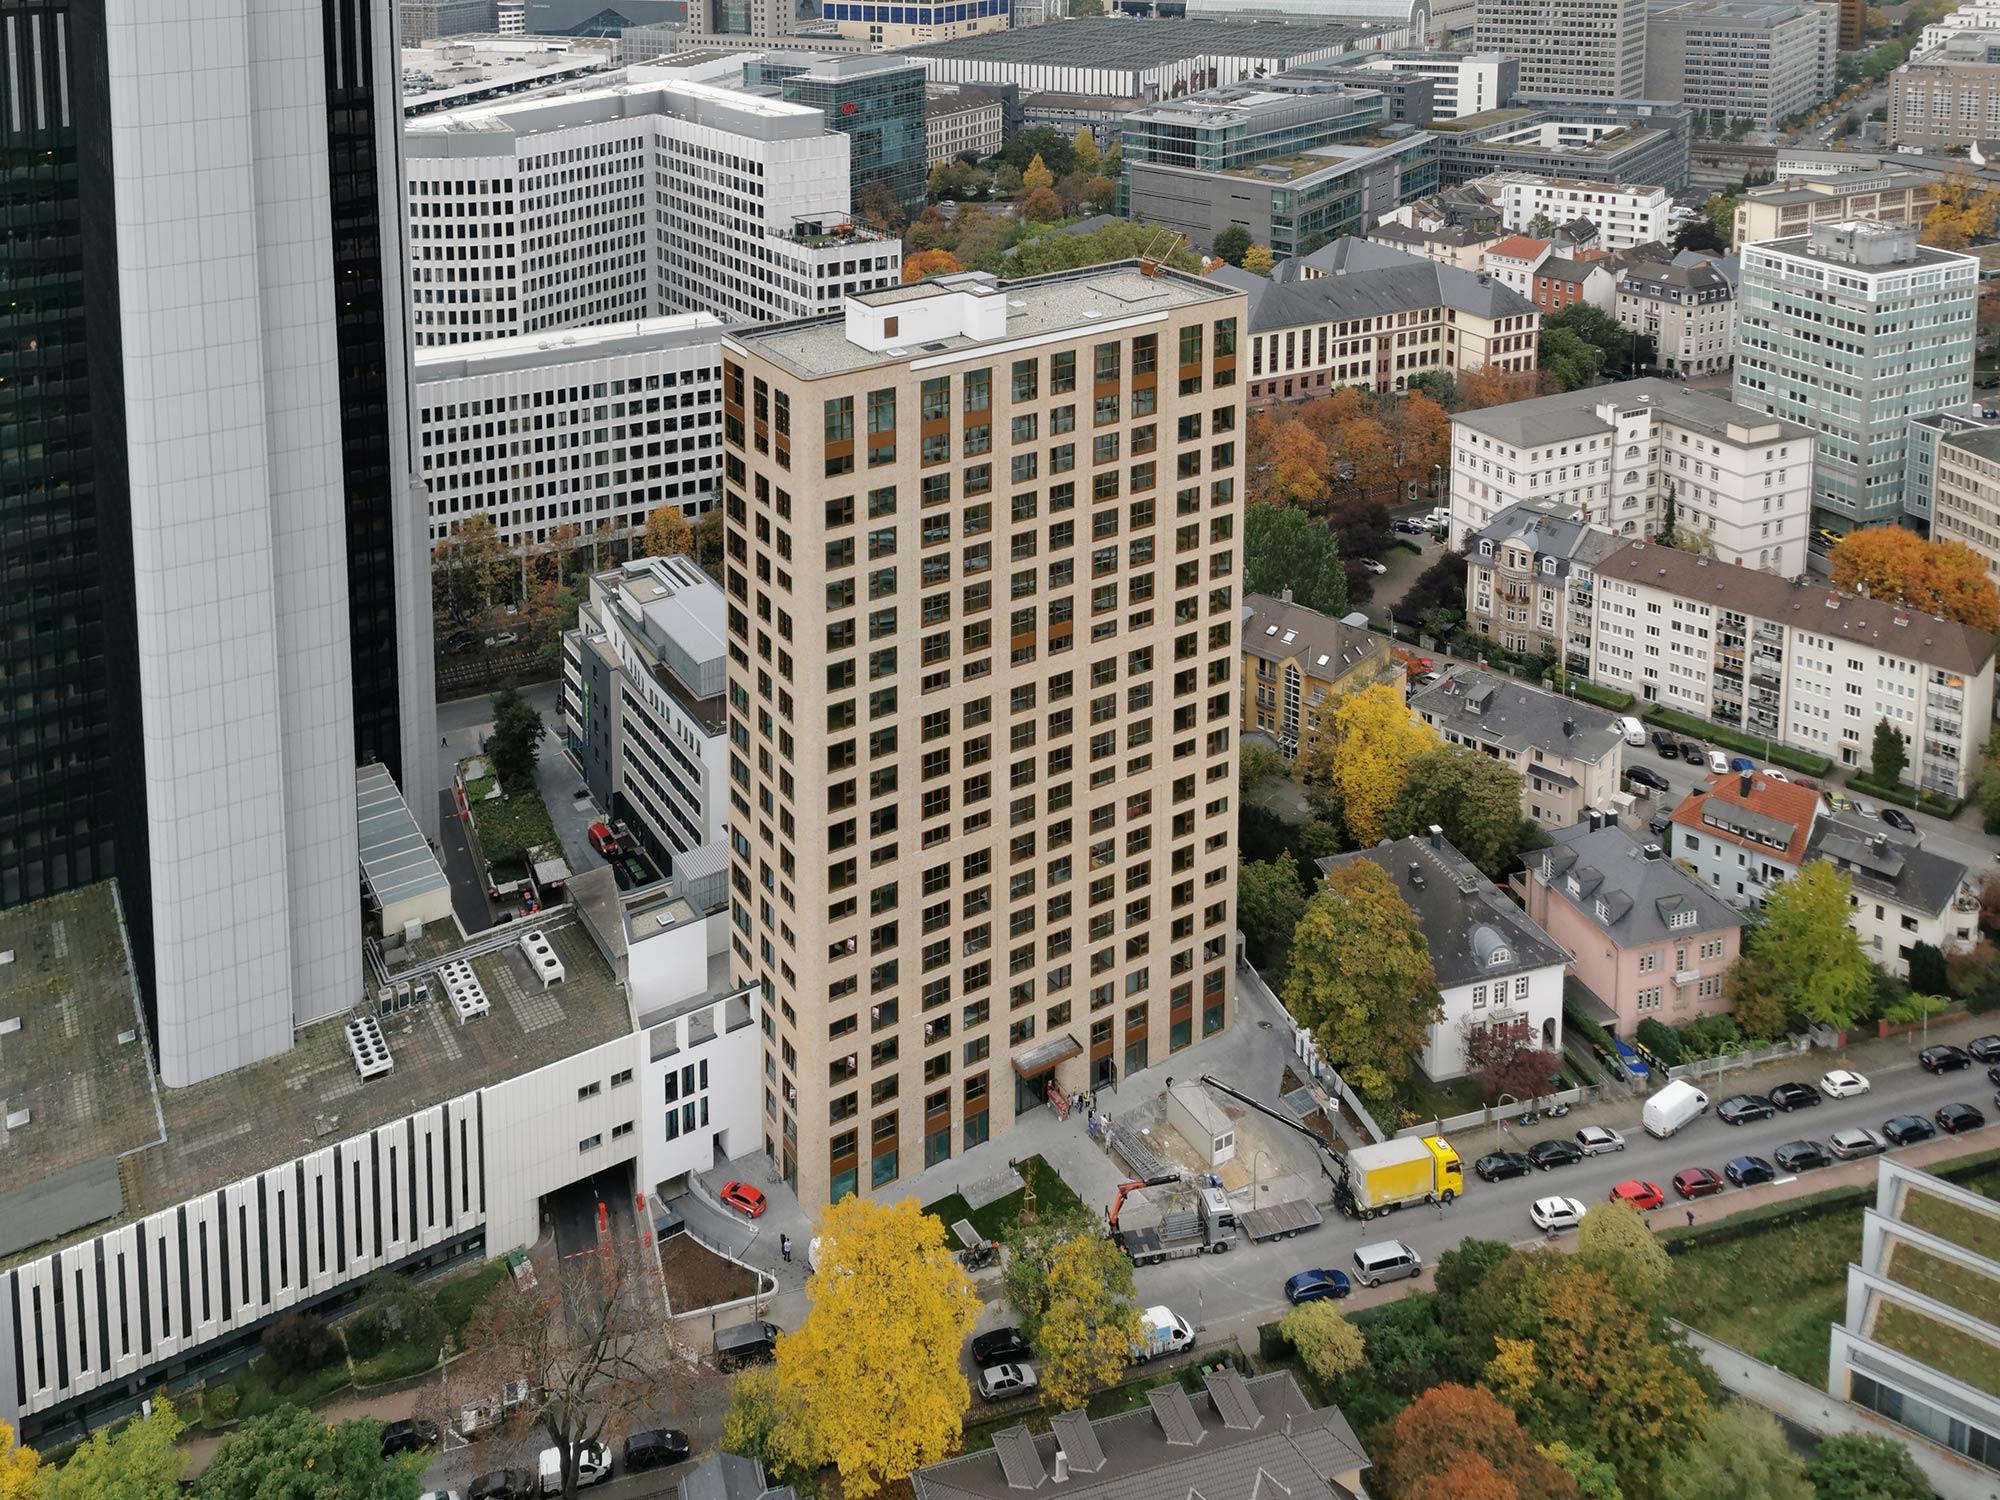 Frankfurt Blue Horizon Wohn Hochhaus - Wohnungen Wolkenkratzer Frankfurt